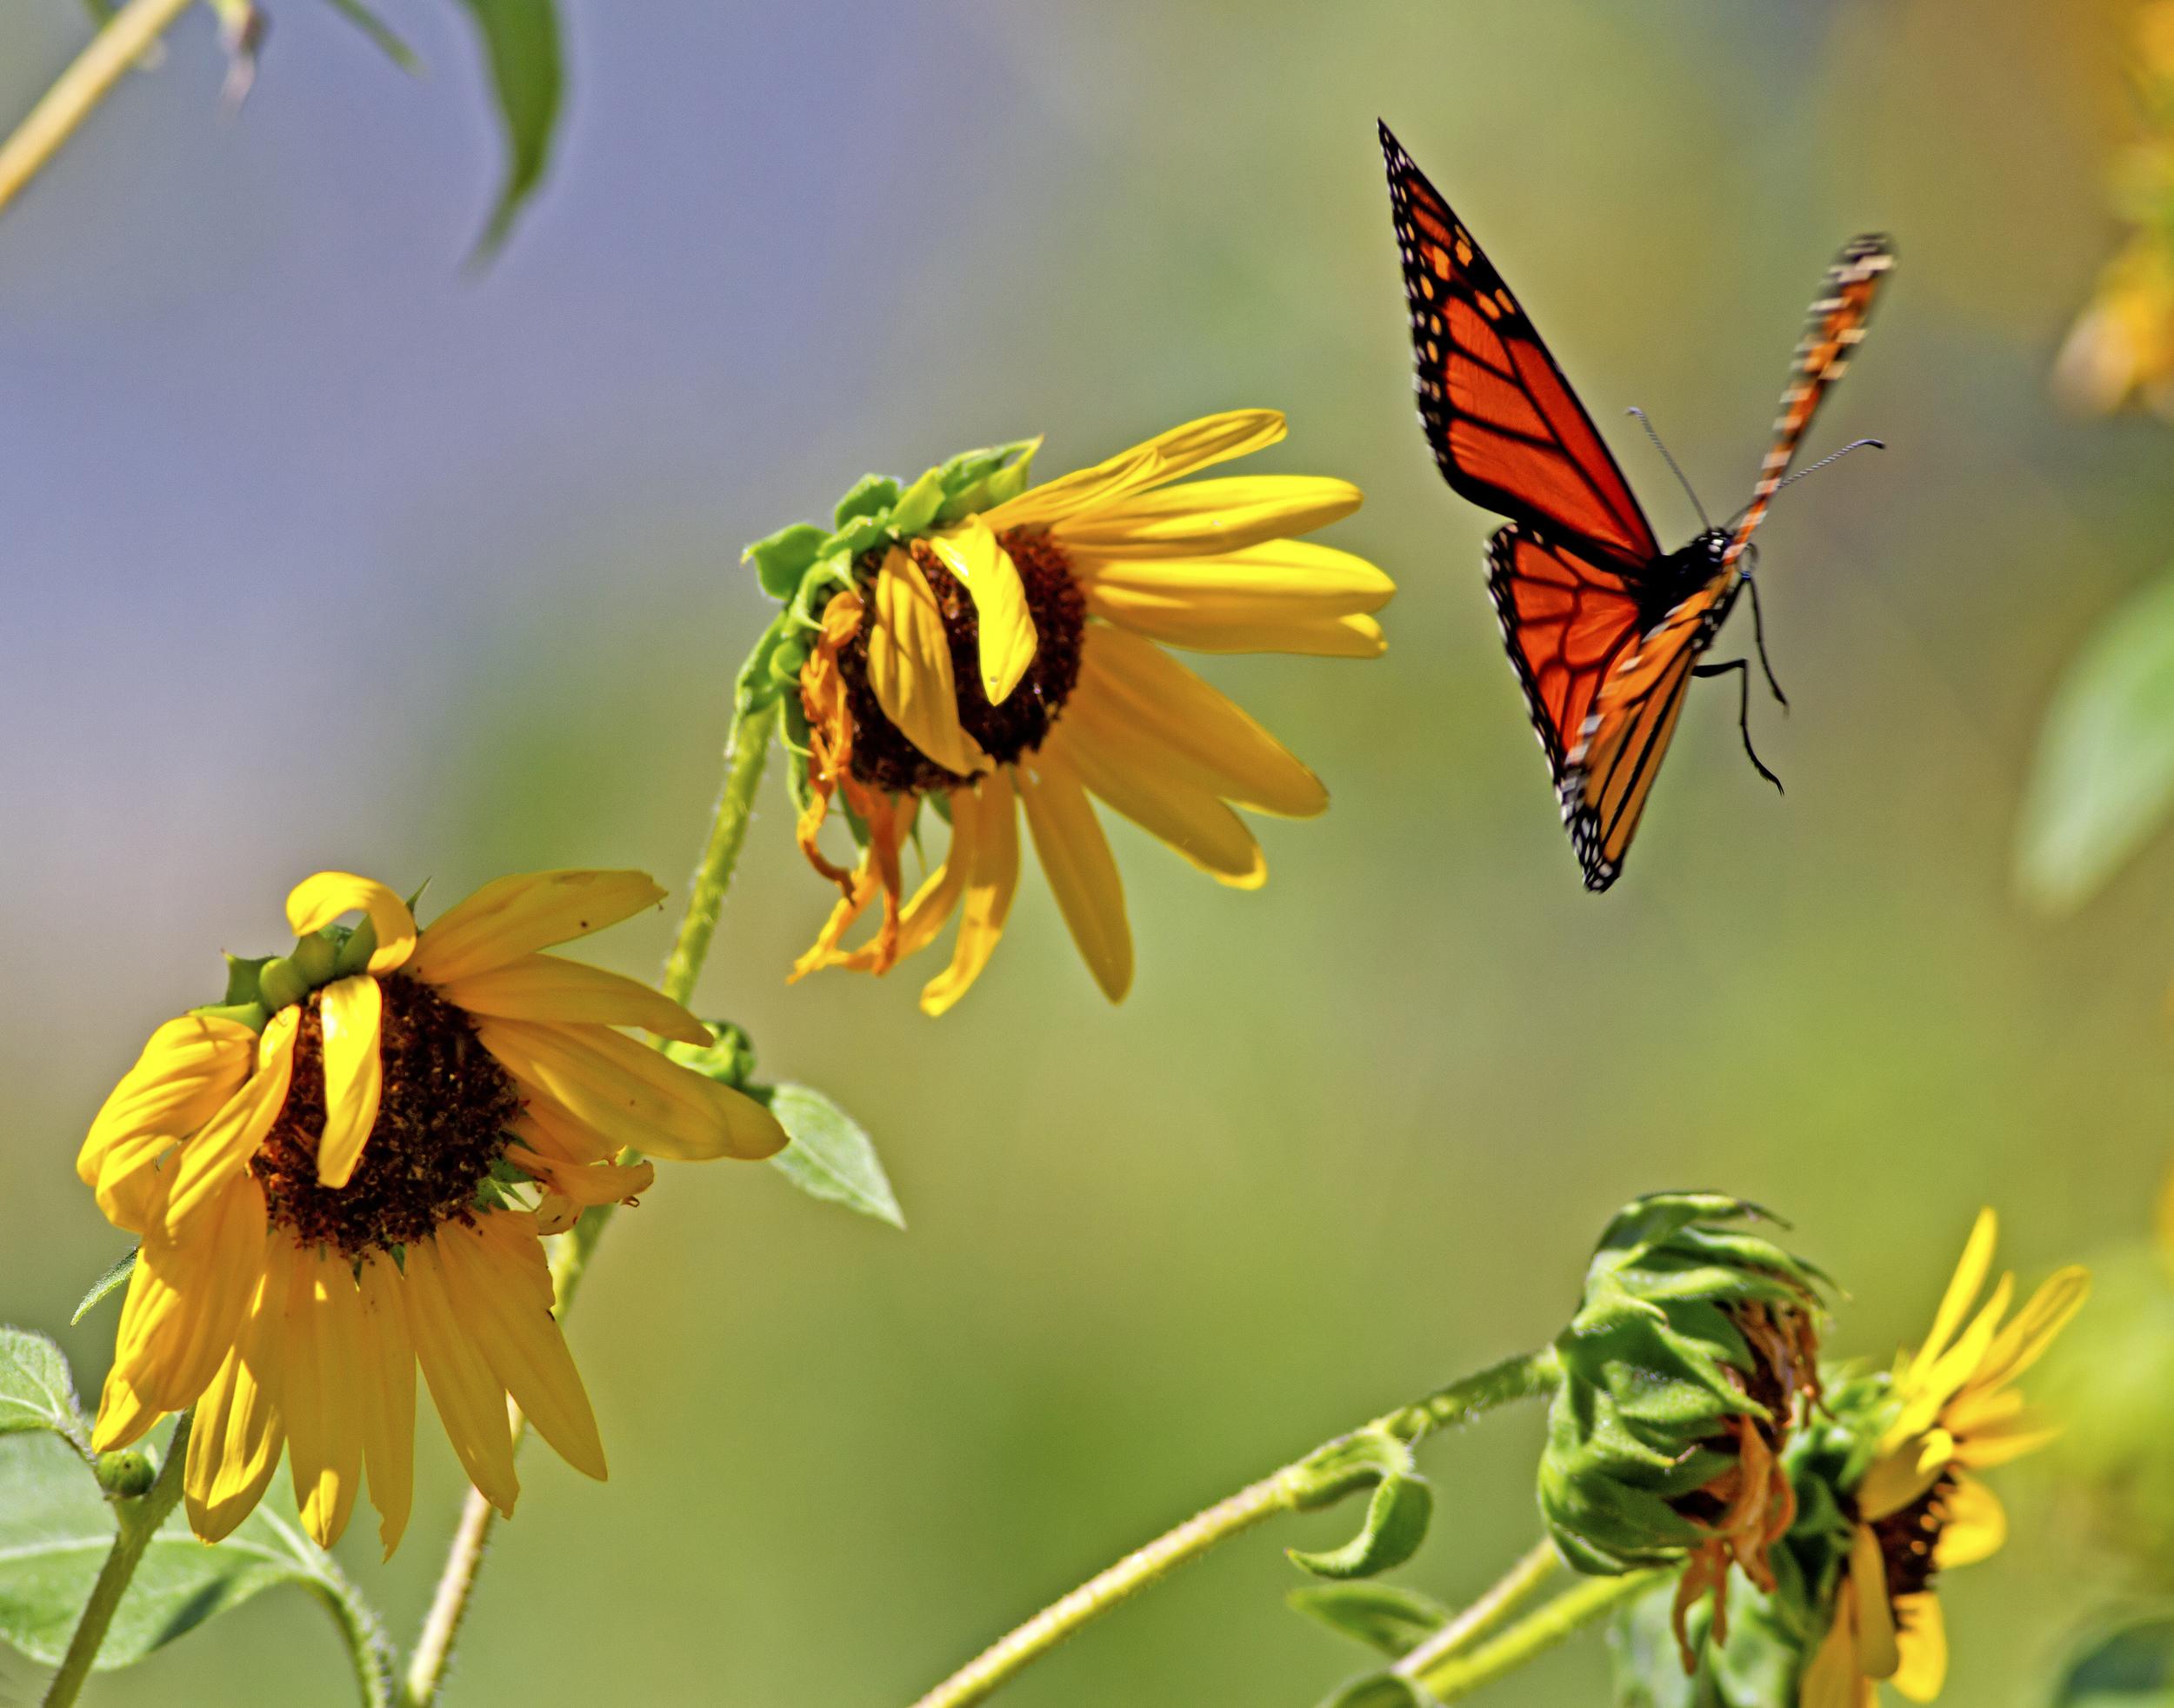 140 - Butterfly